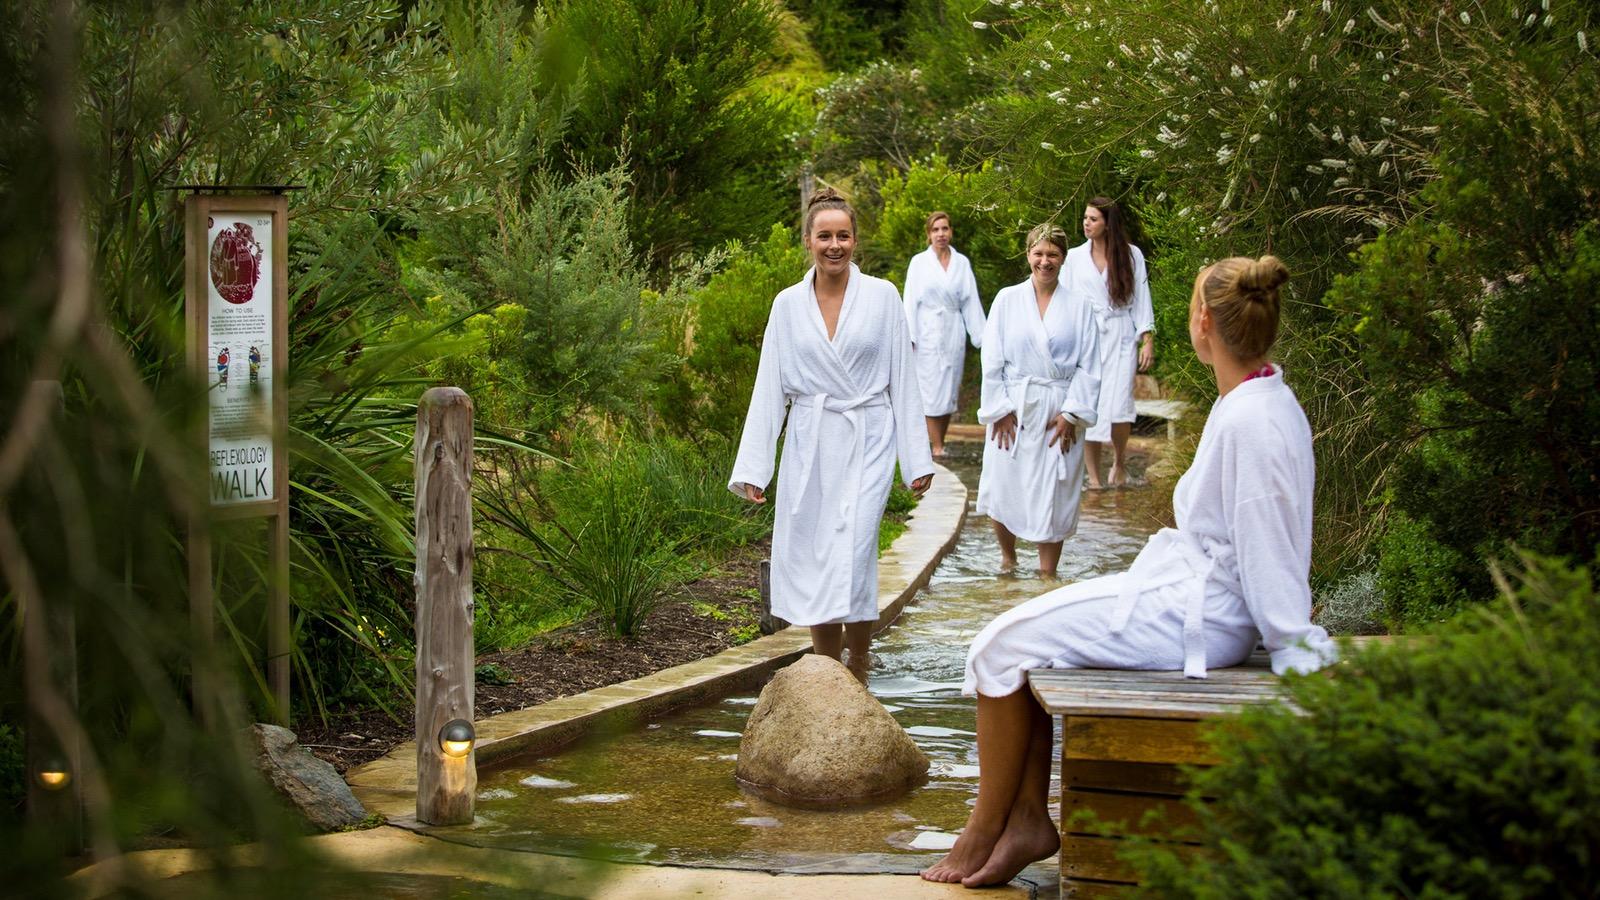 Bath House - Reflexology walk